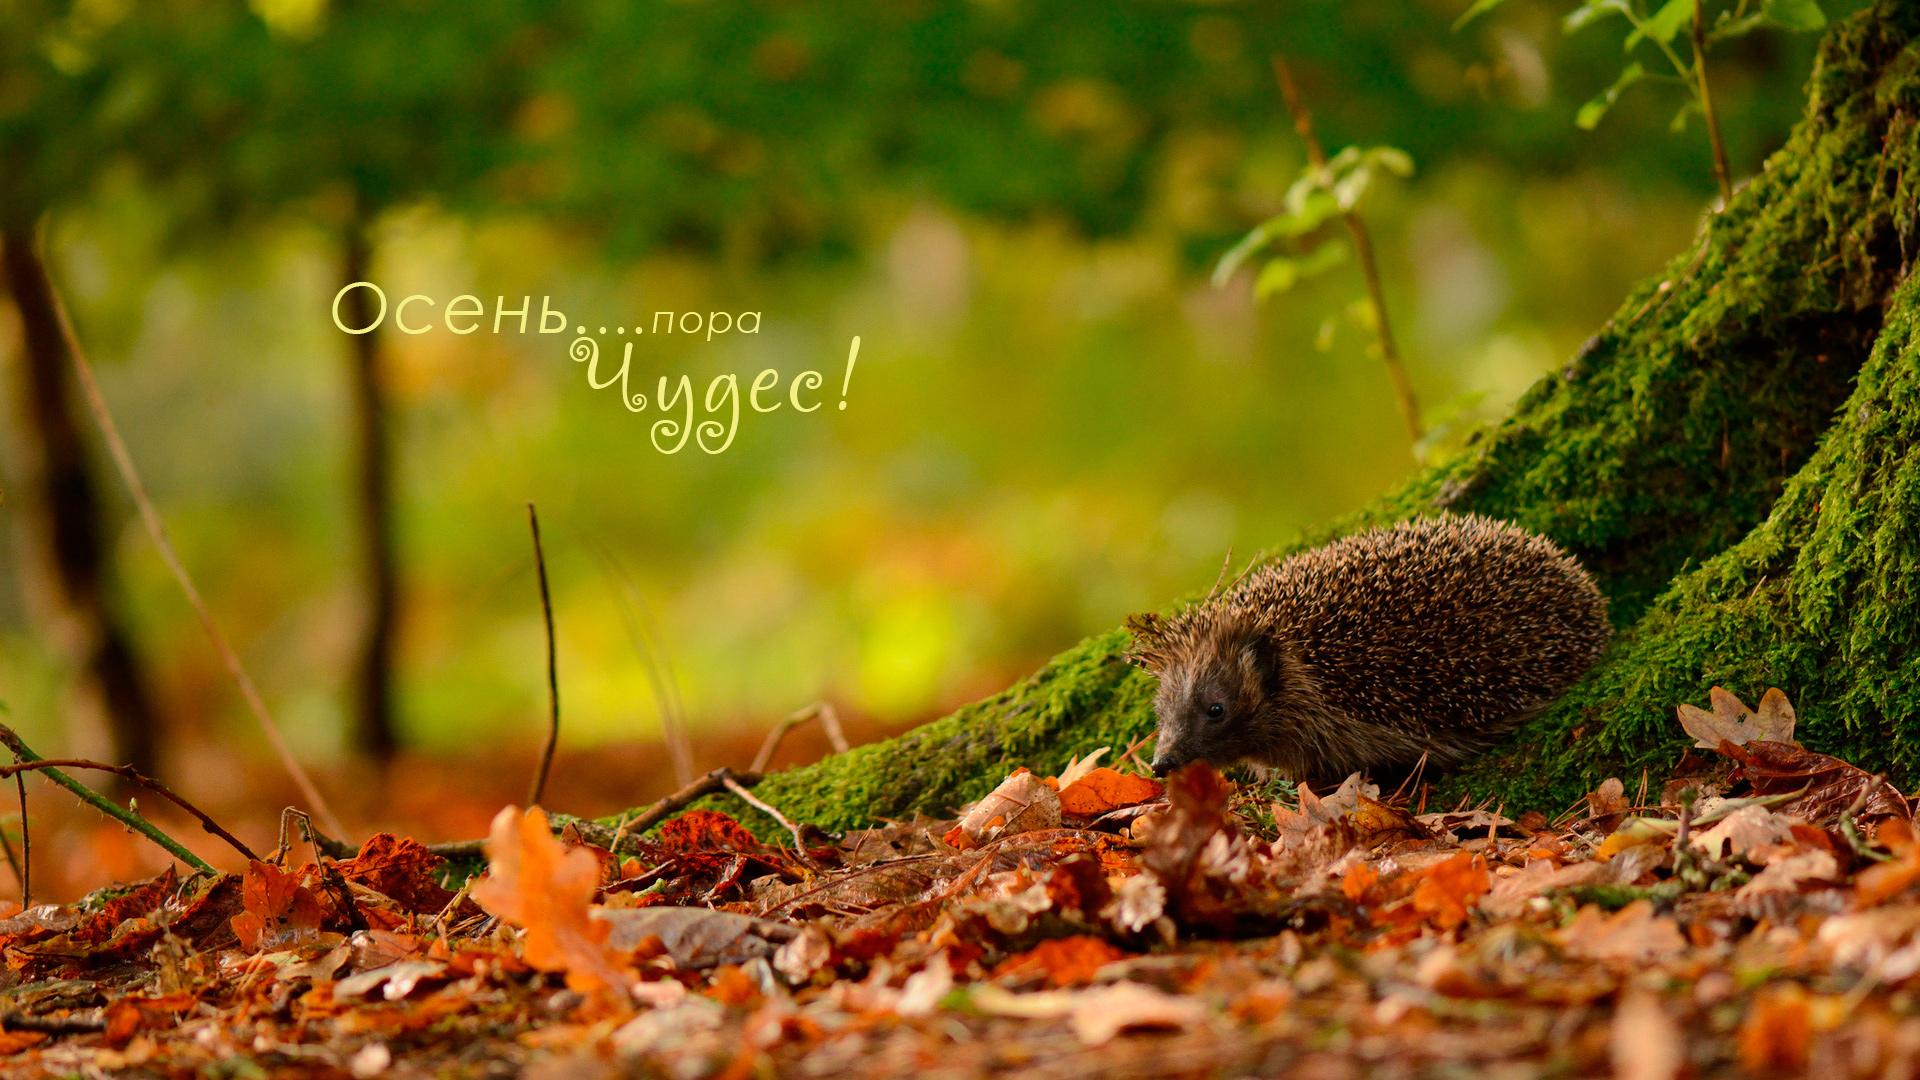 осень - пора чудес - ежик в листве